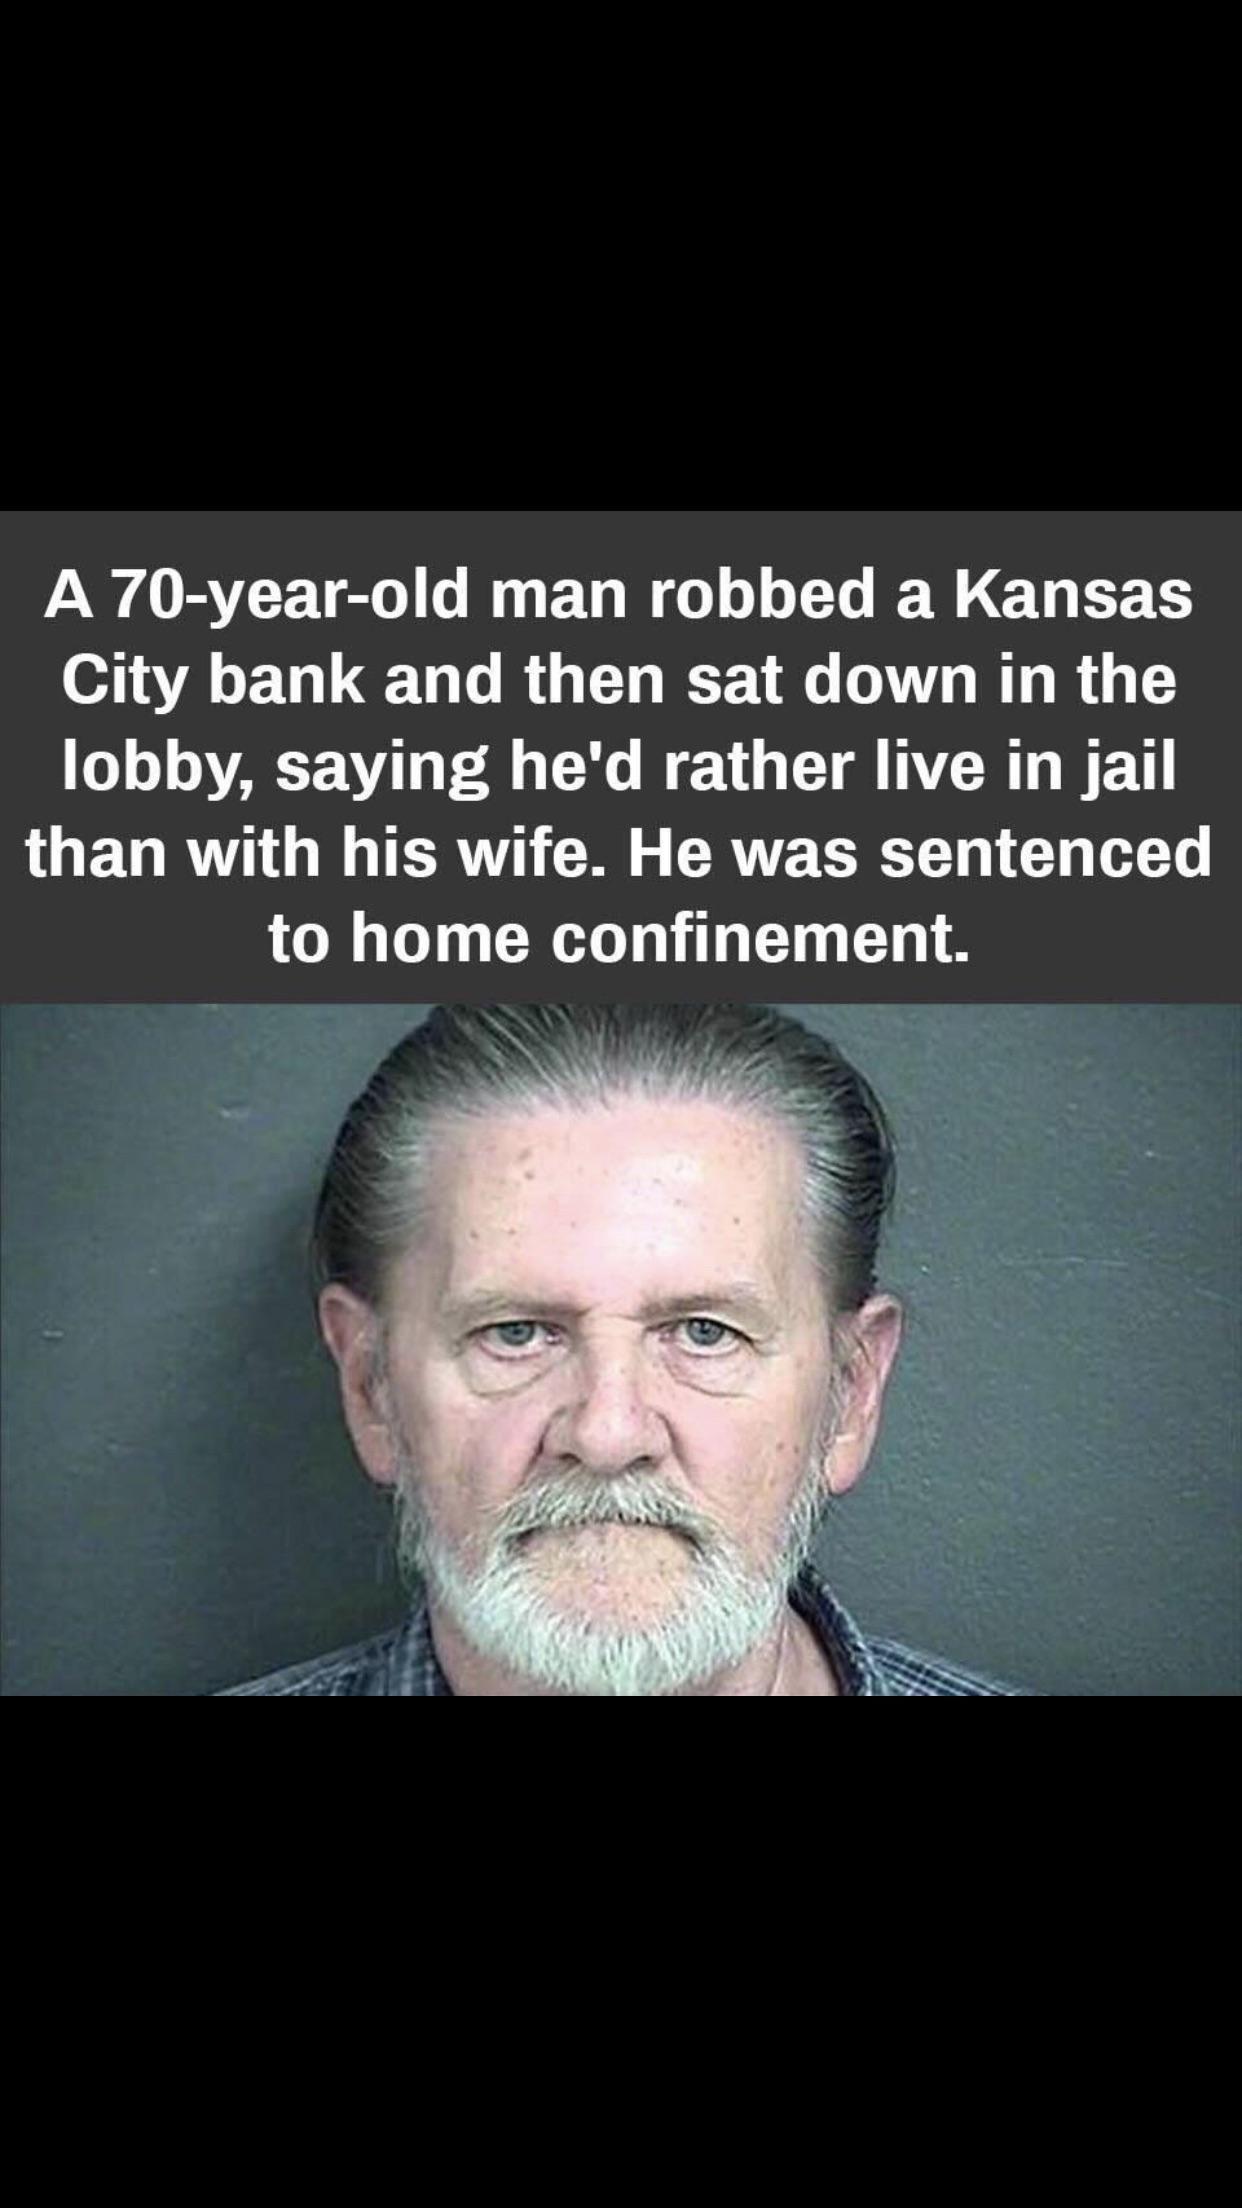 You've heard of Floridaman now, Kansasman.